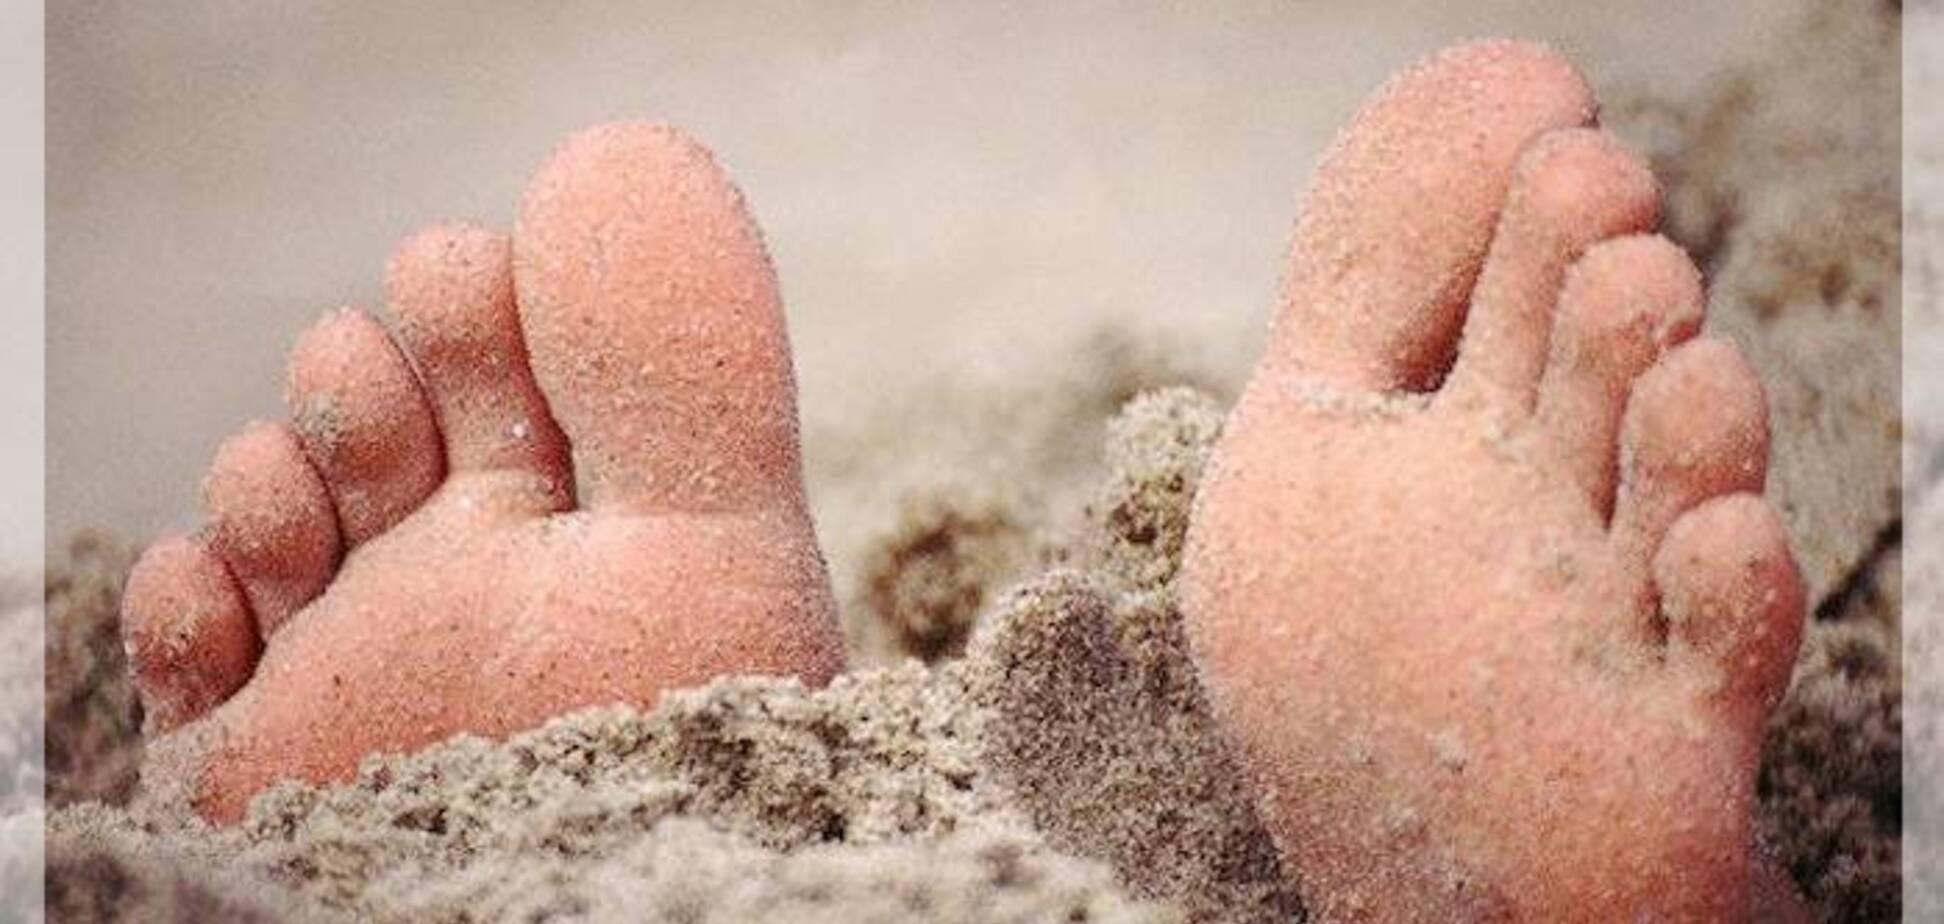 Засипали піском: в Дніпрі знайшли мертвим зниклого чоловіка